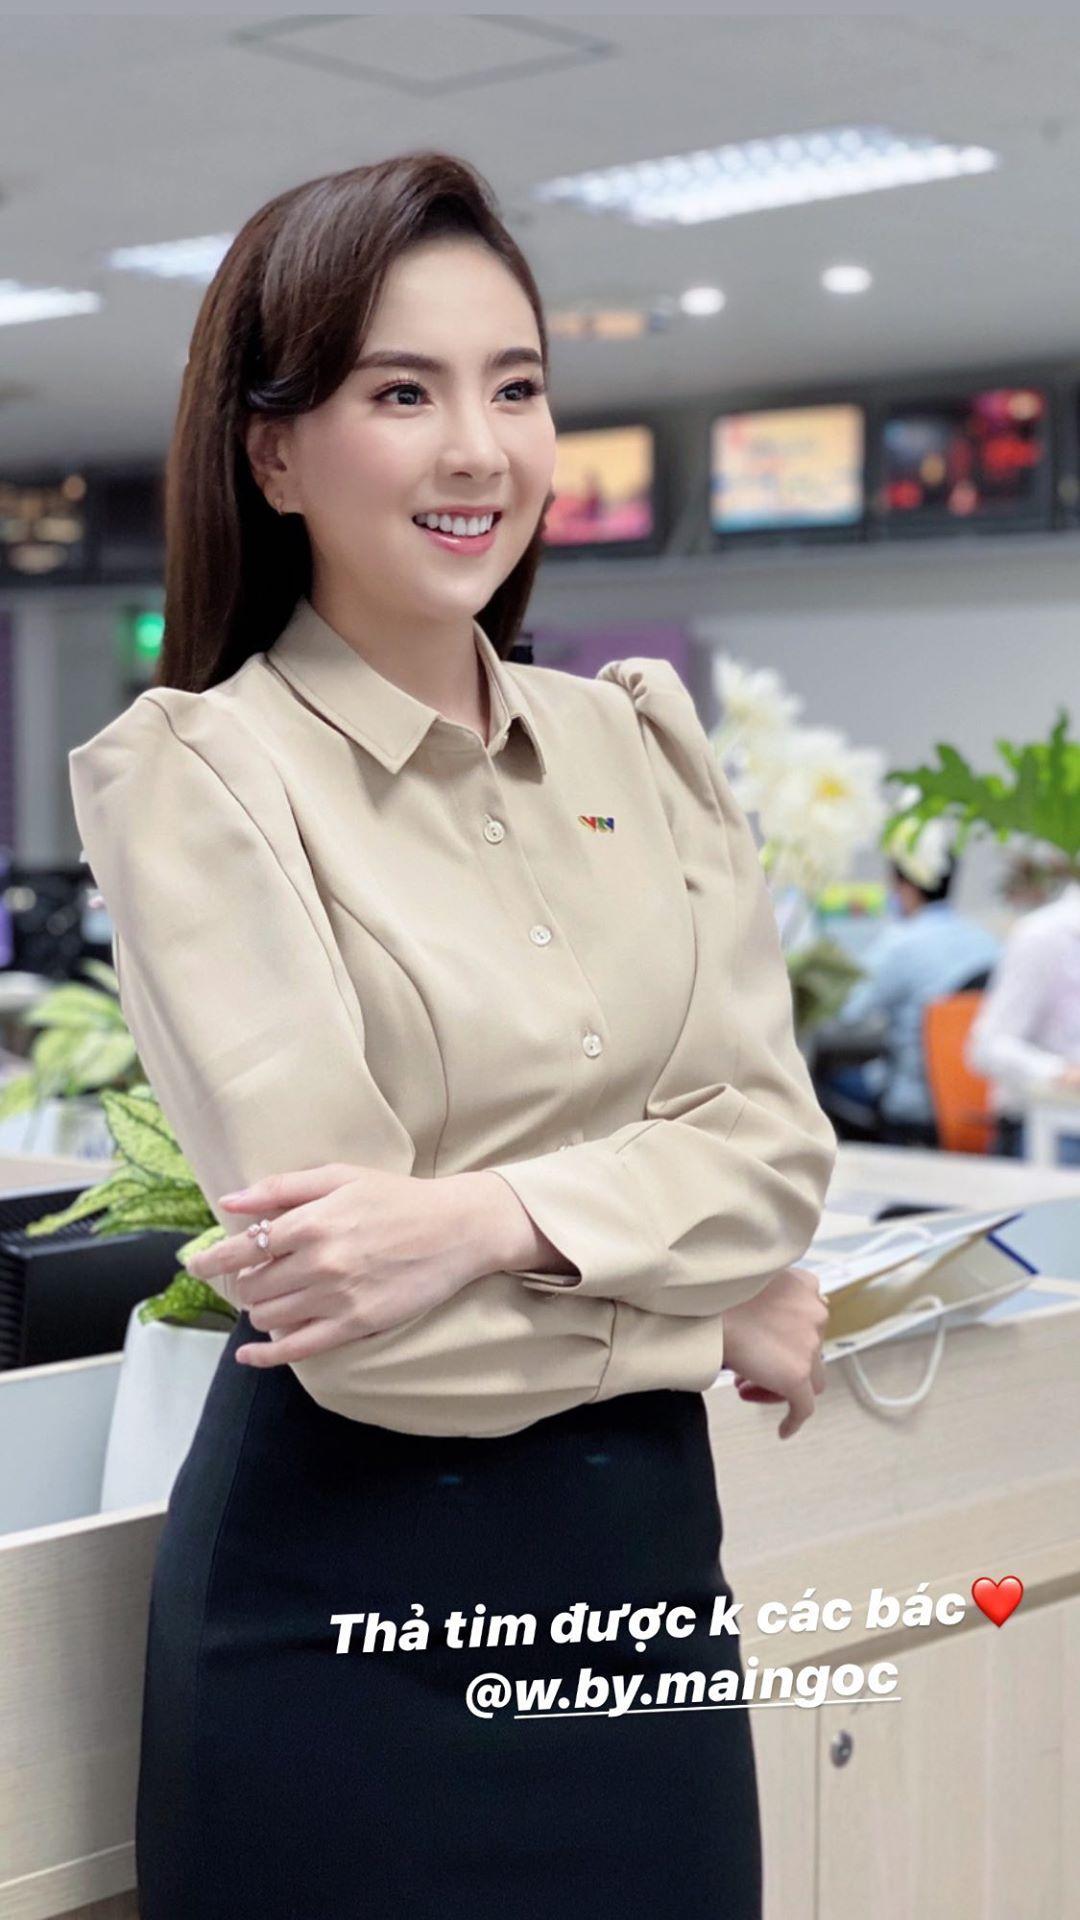 """MC Mai Ngọc cũng u mê Seo Ye Ji """"không lối thoát"""", lên đồ giống hệt mỹ nhân Hàn để diện đến sở làm - Ảnh 3."""